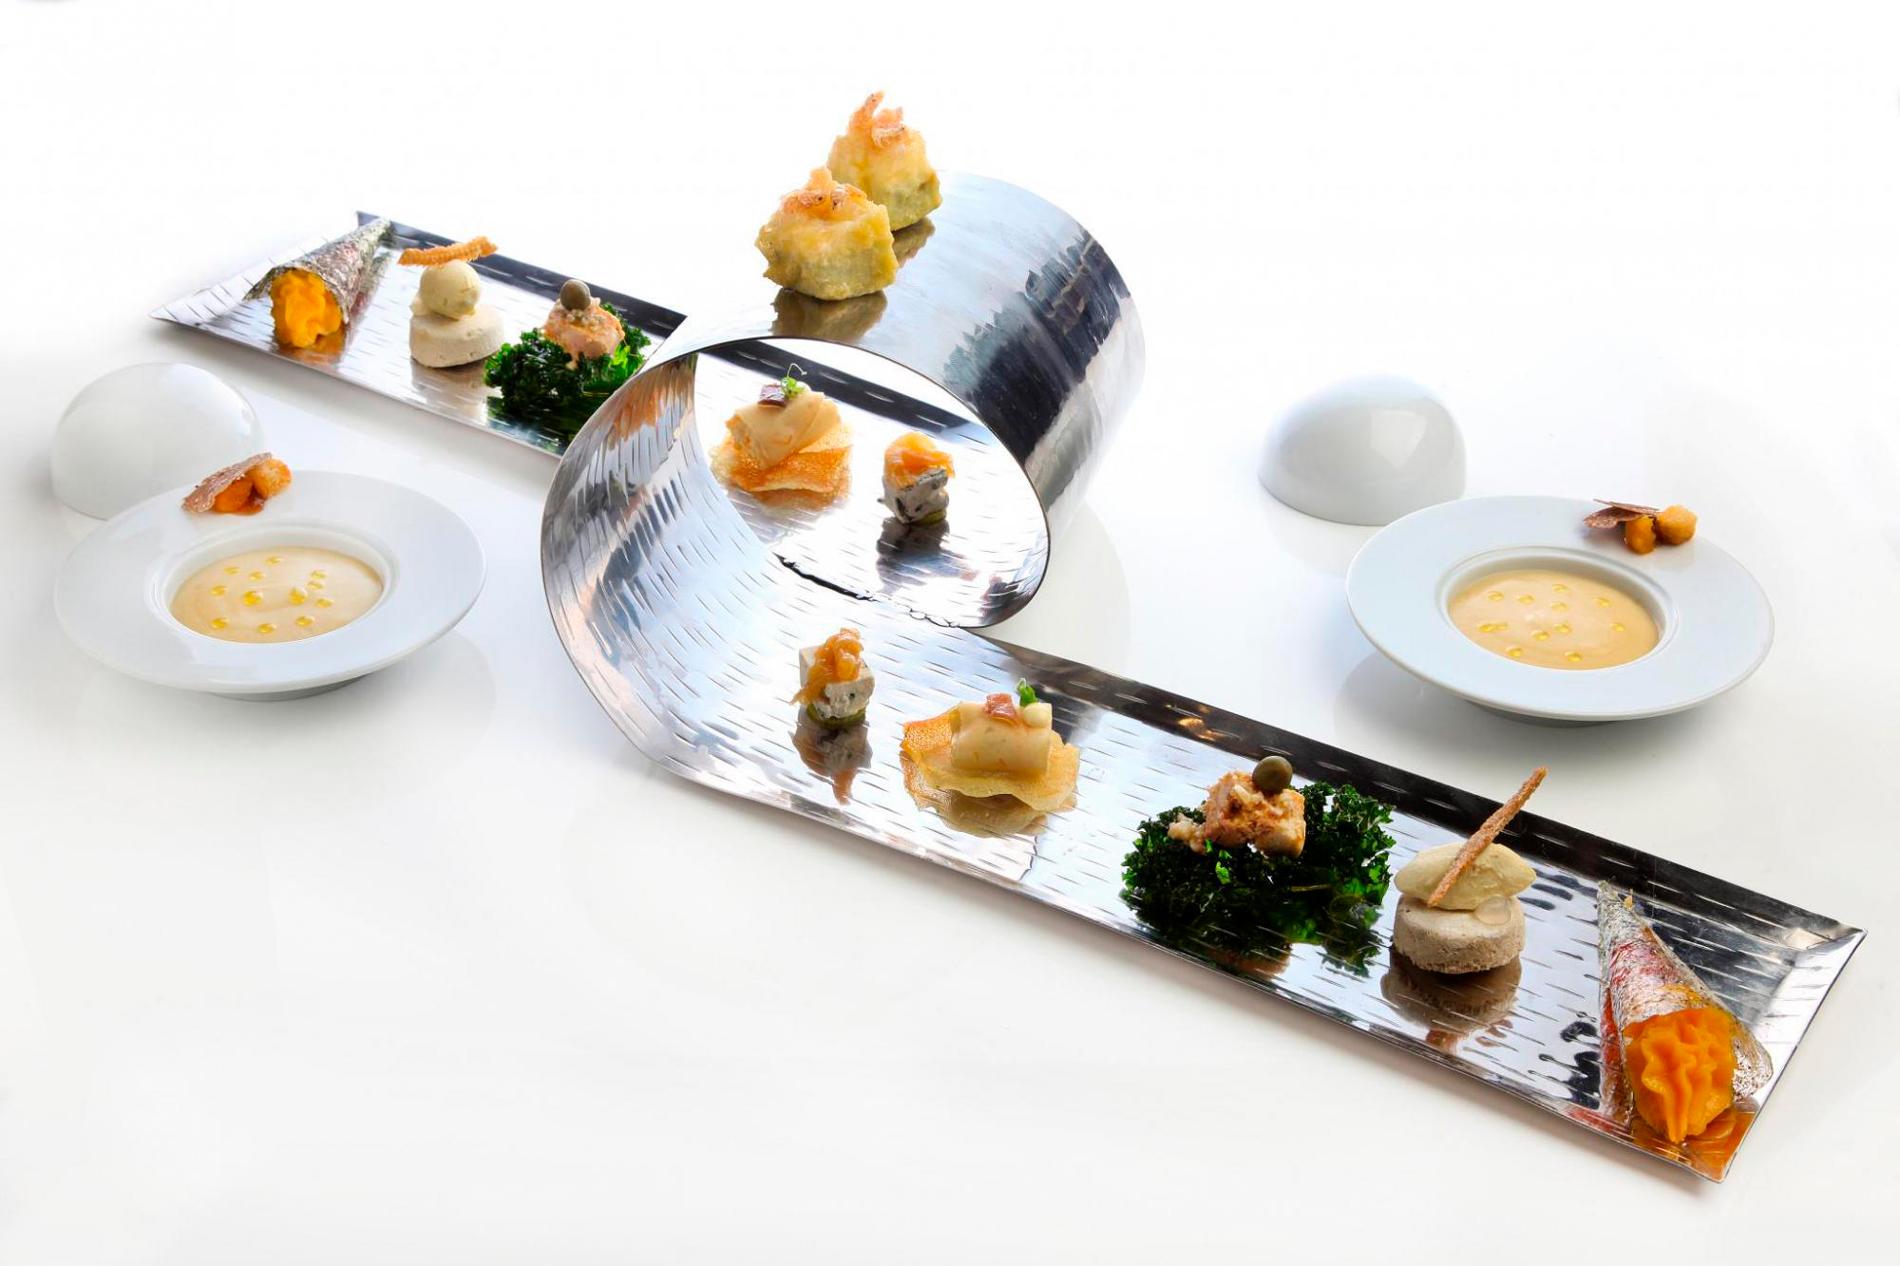 Agenda gastronómica de Madrid (del 8 al 14 de abril)